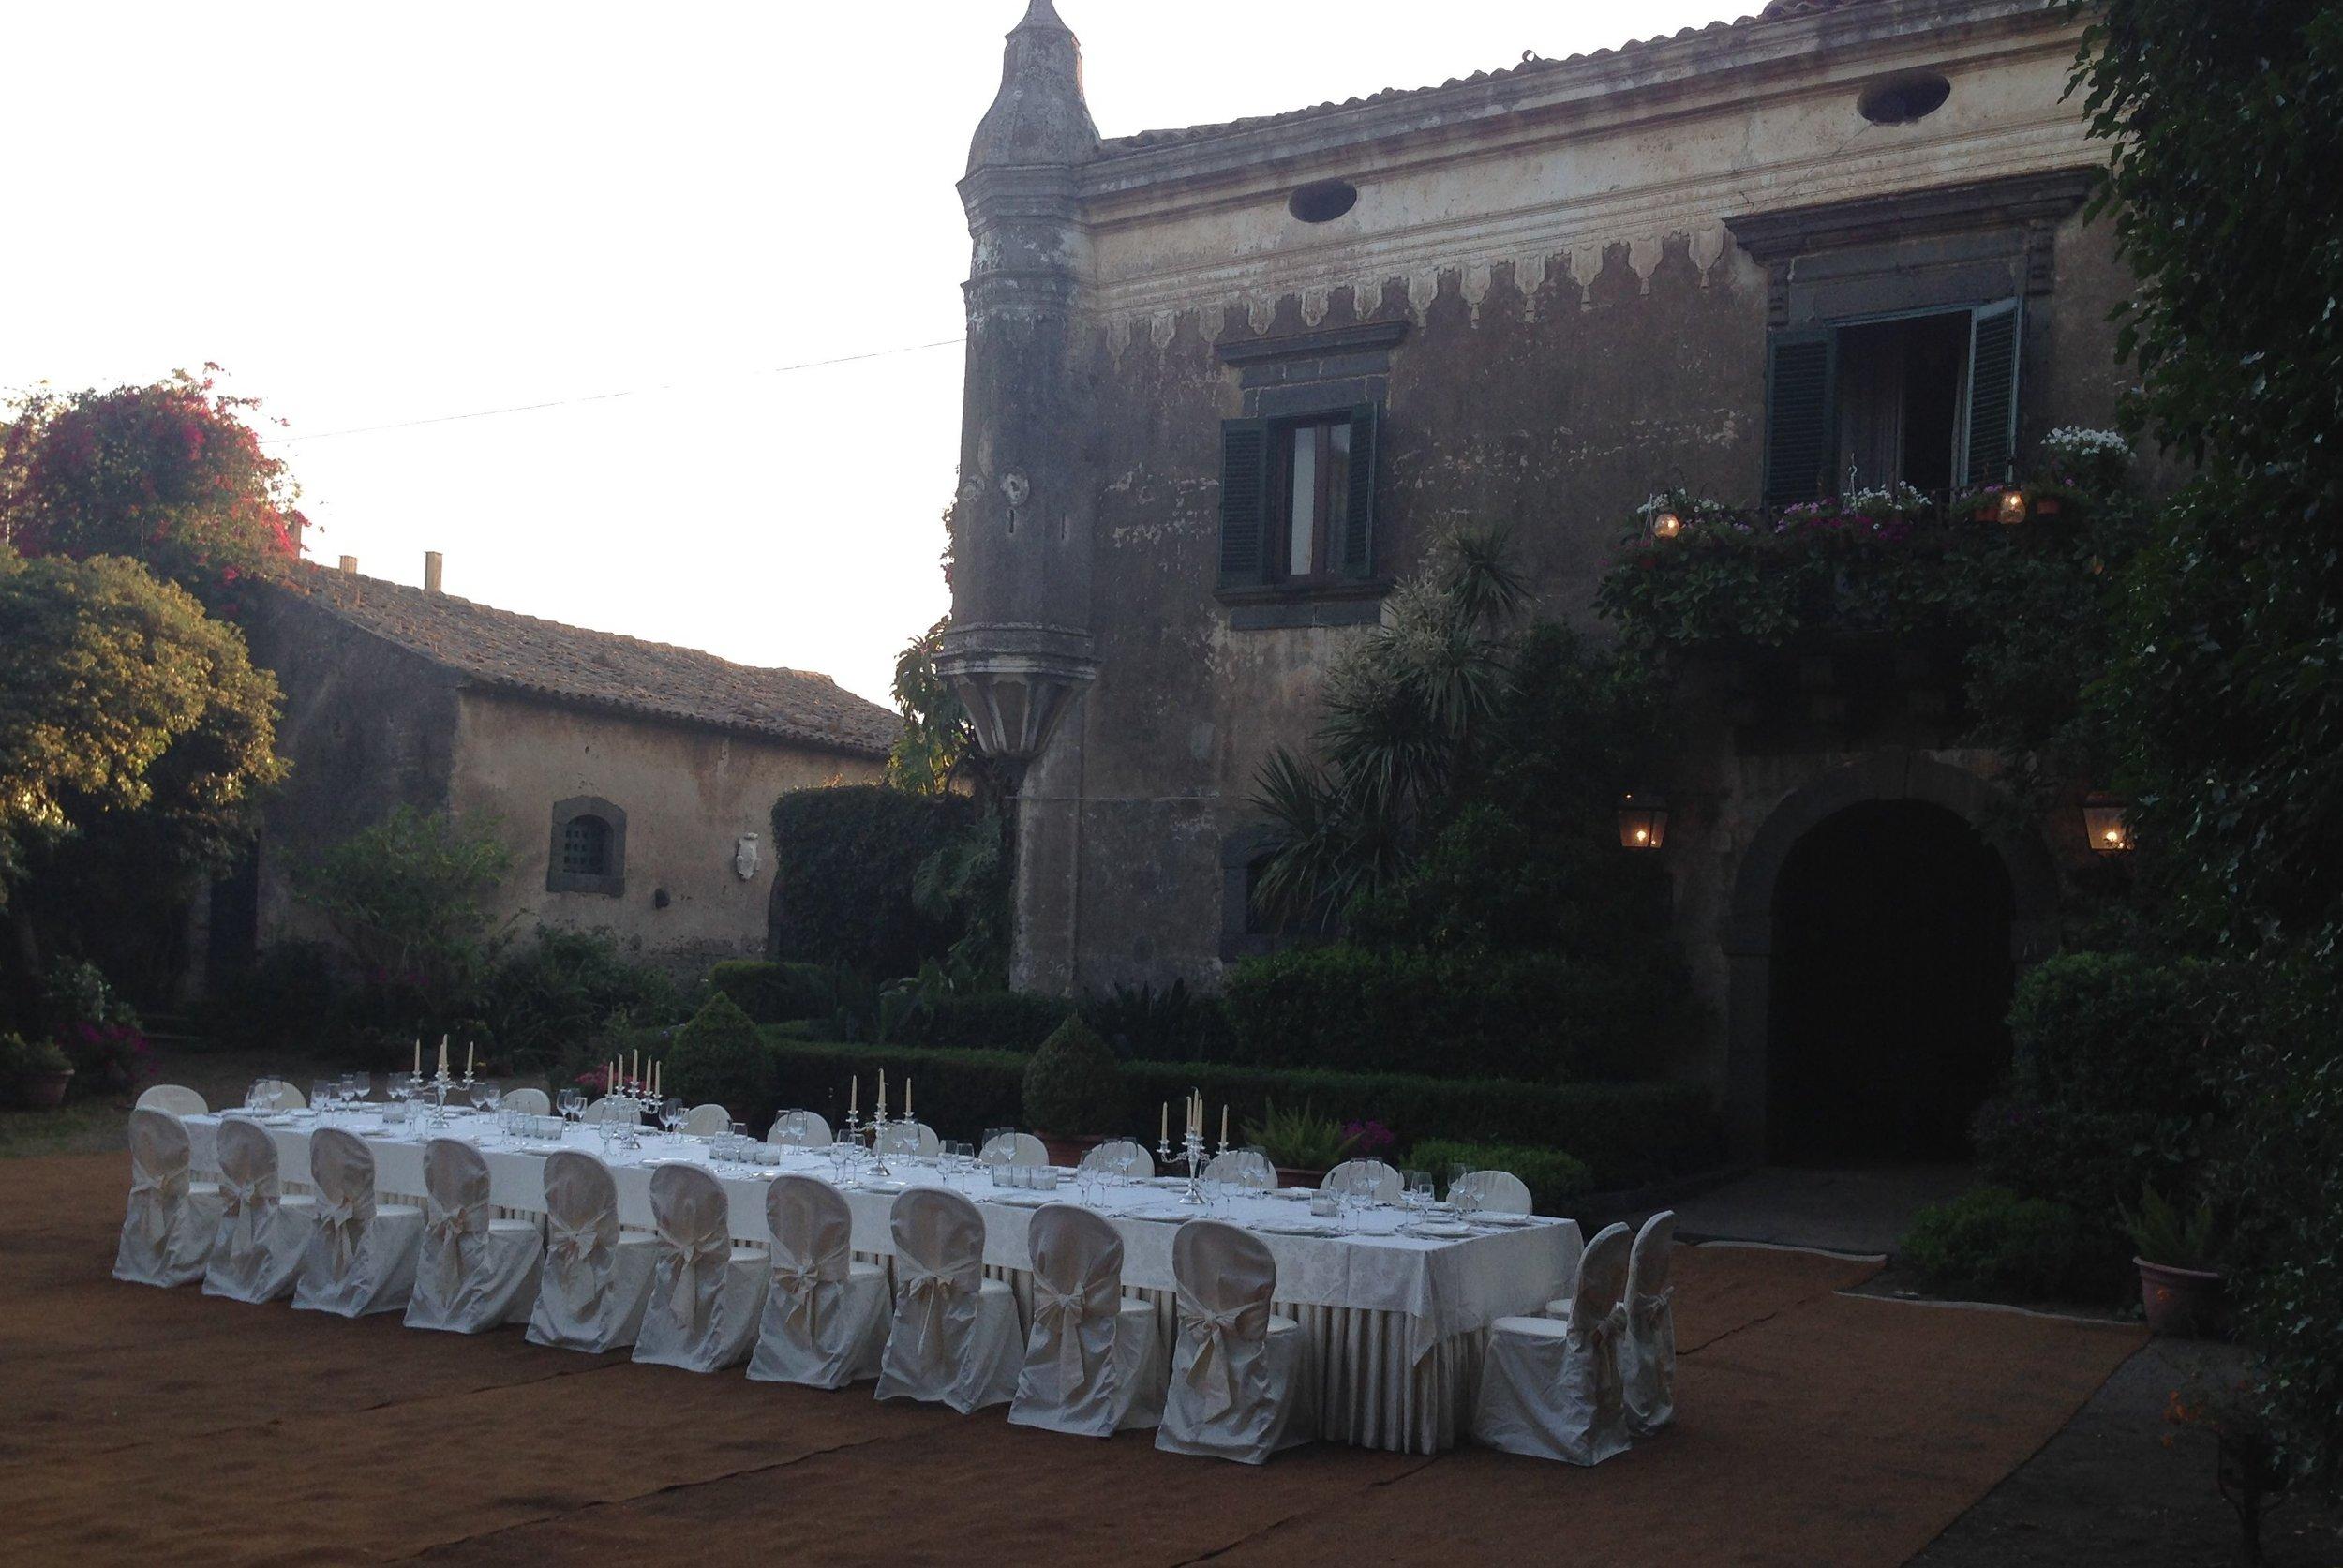 Ikke noe er som Al Fresco dining i spektakulære omgivelser